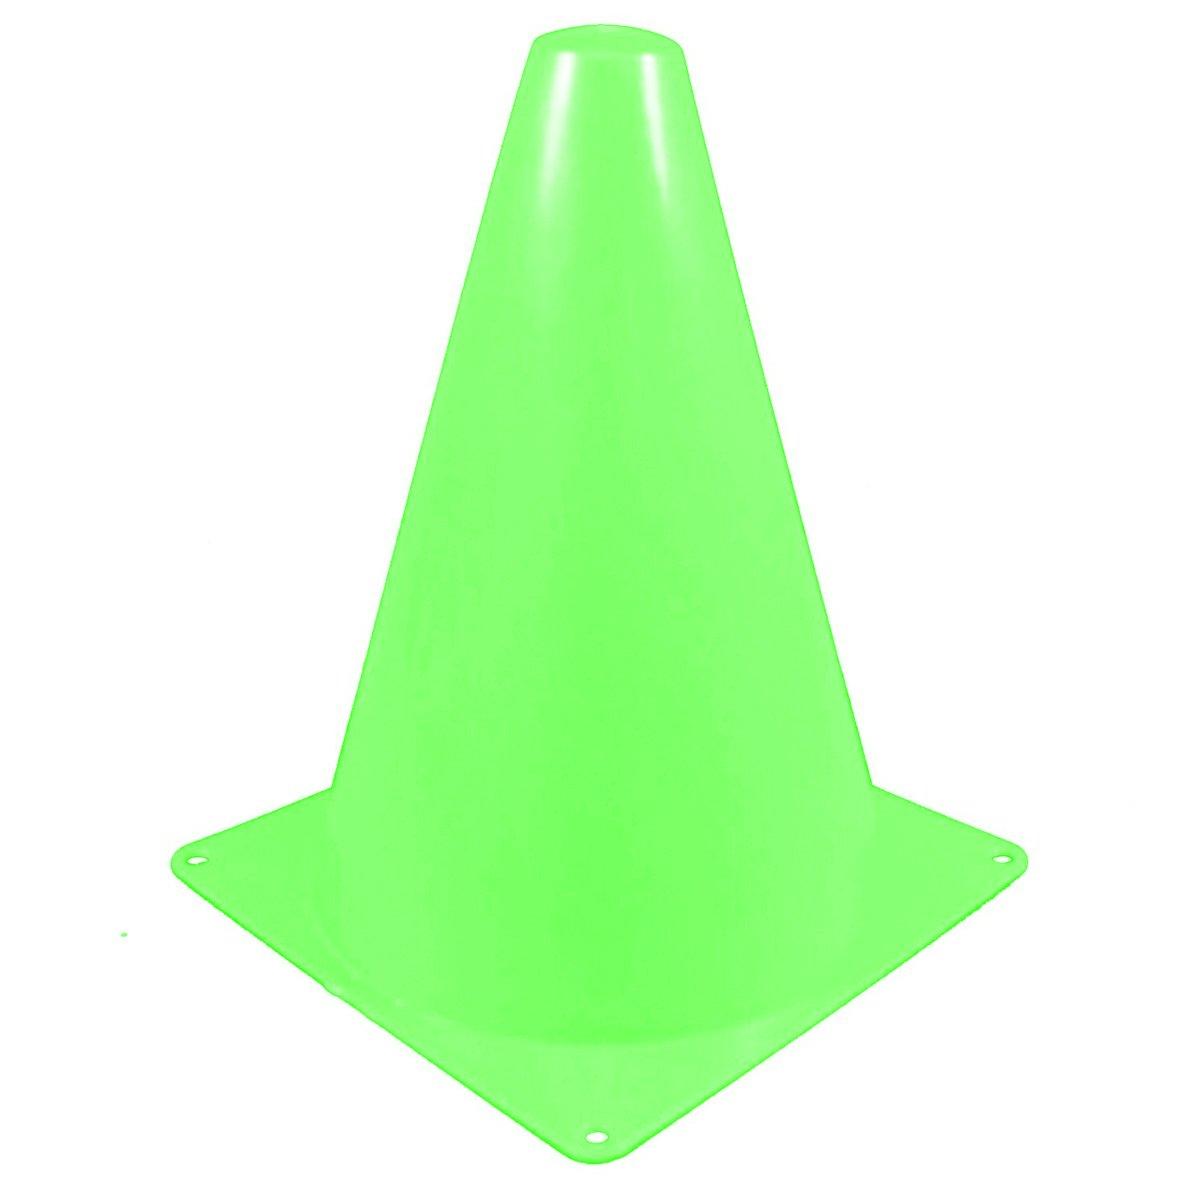 Cikuso 7 Pollice Corona dei Coni del segnalatore/Coni di Pista di Calcio & Calcio (10 pz/Set) Verde Chiaro